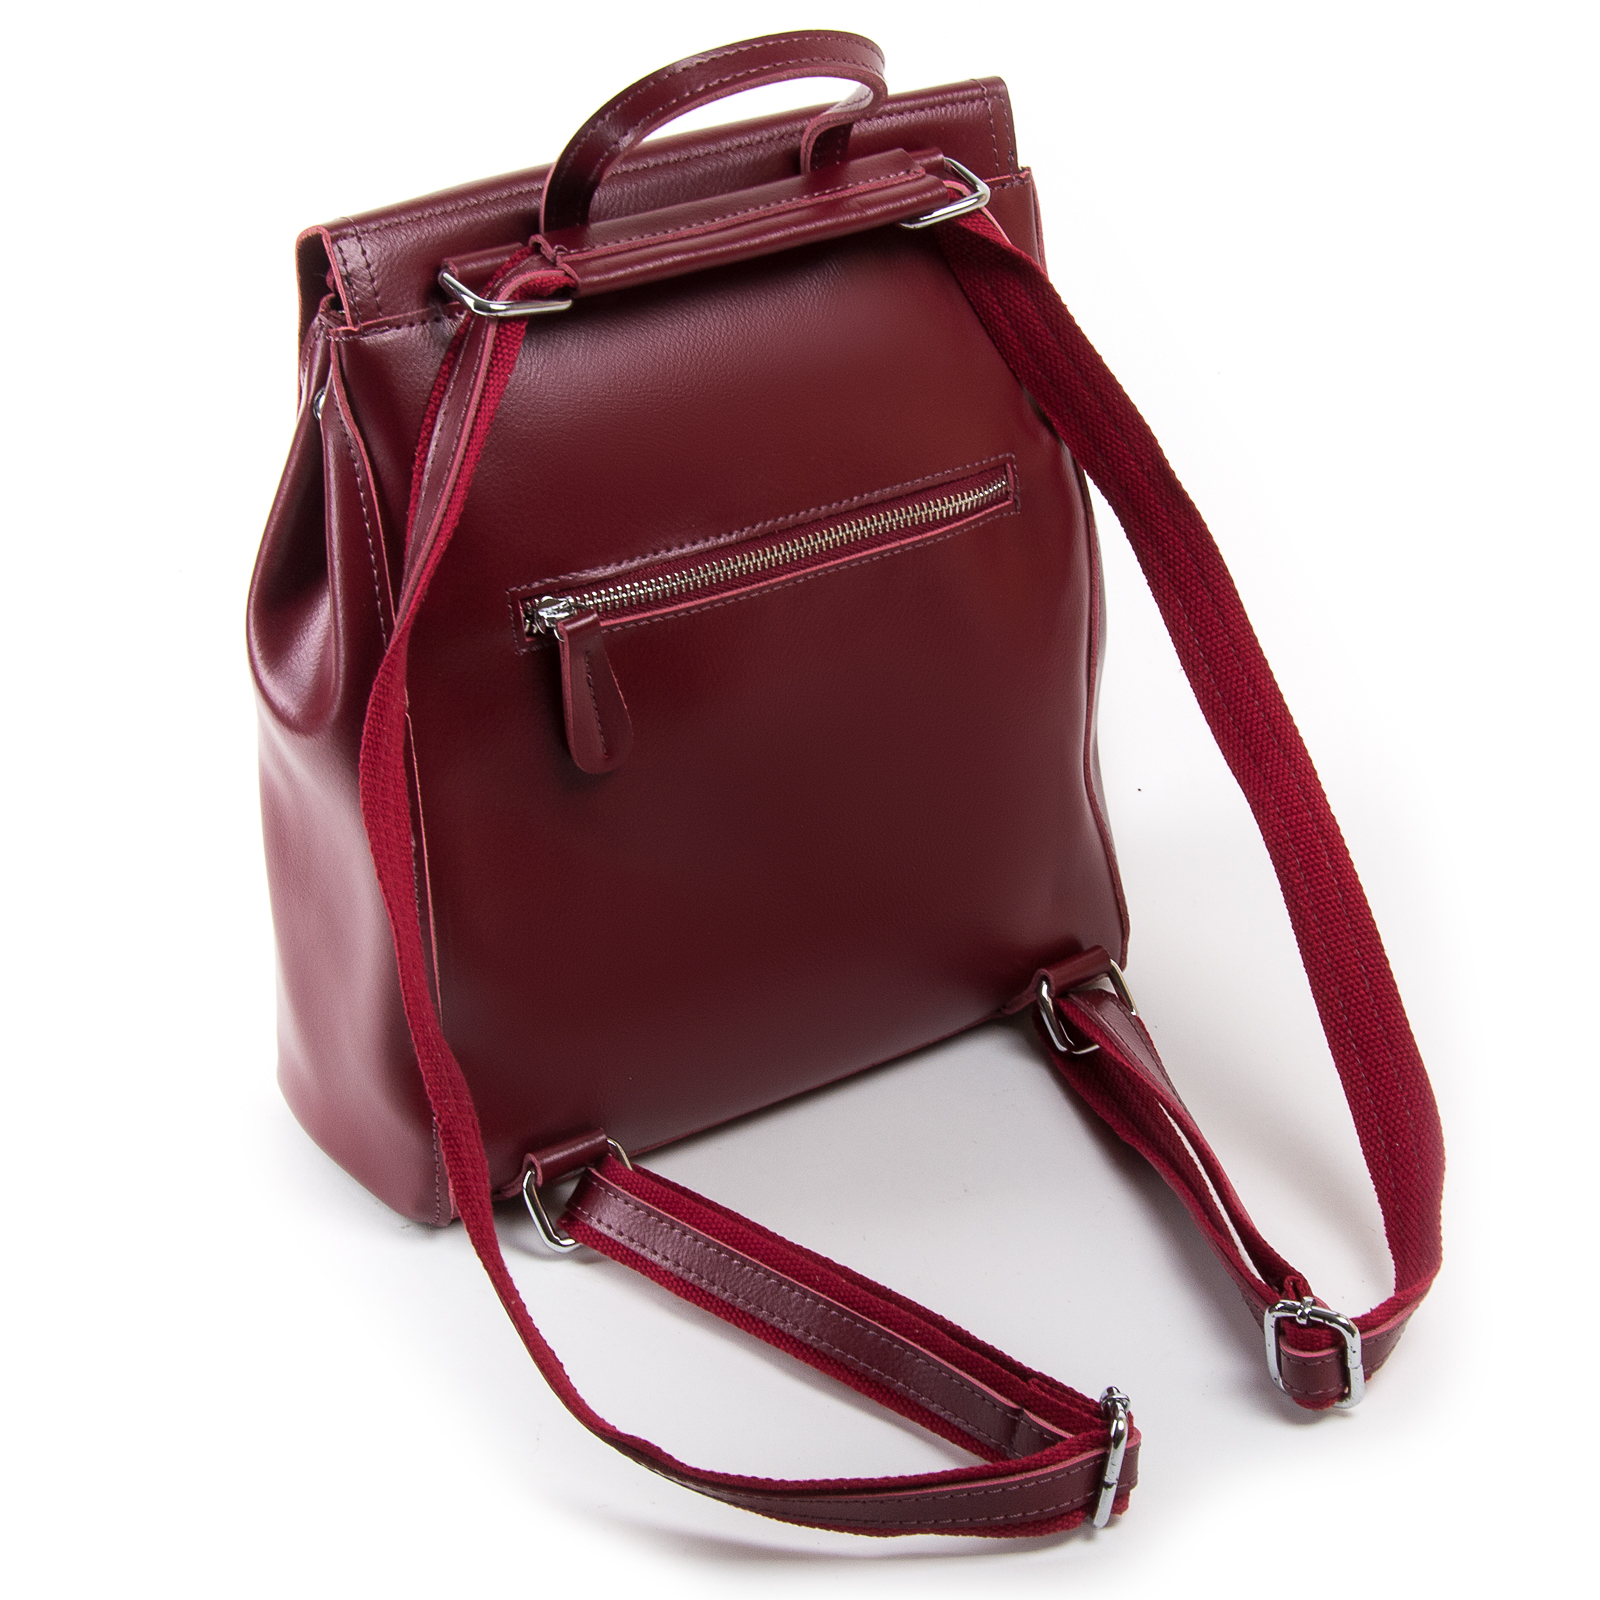 Сумка Женская Рюкзак кожа ALEX RAI 1005 l-red - фото 4